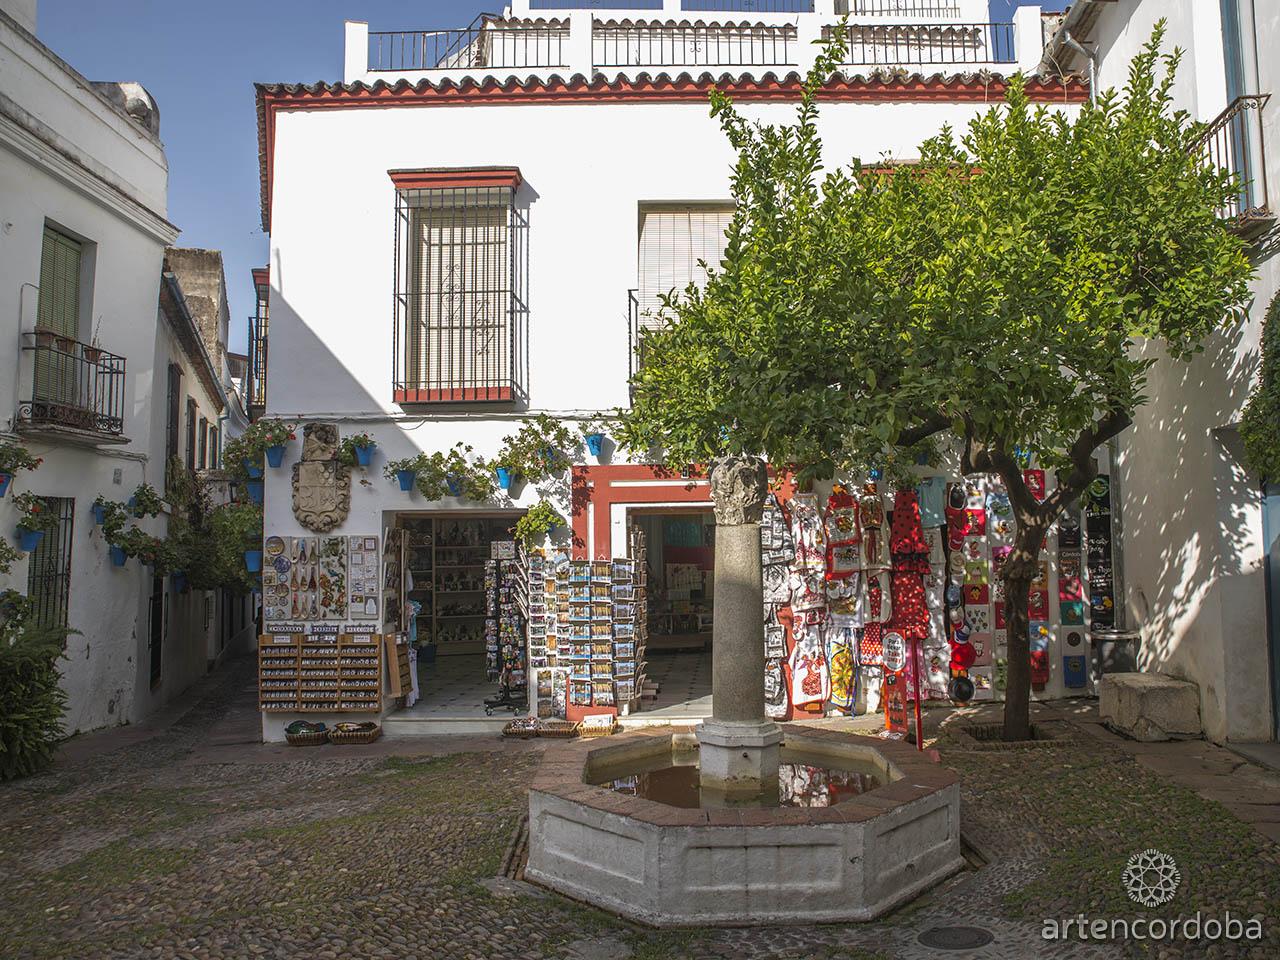 Plaza de la Calleja de las Flores